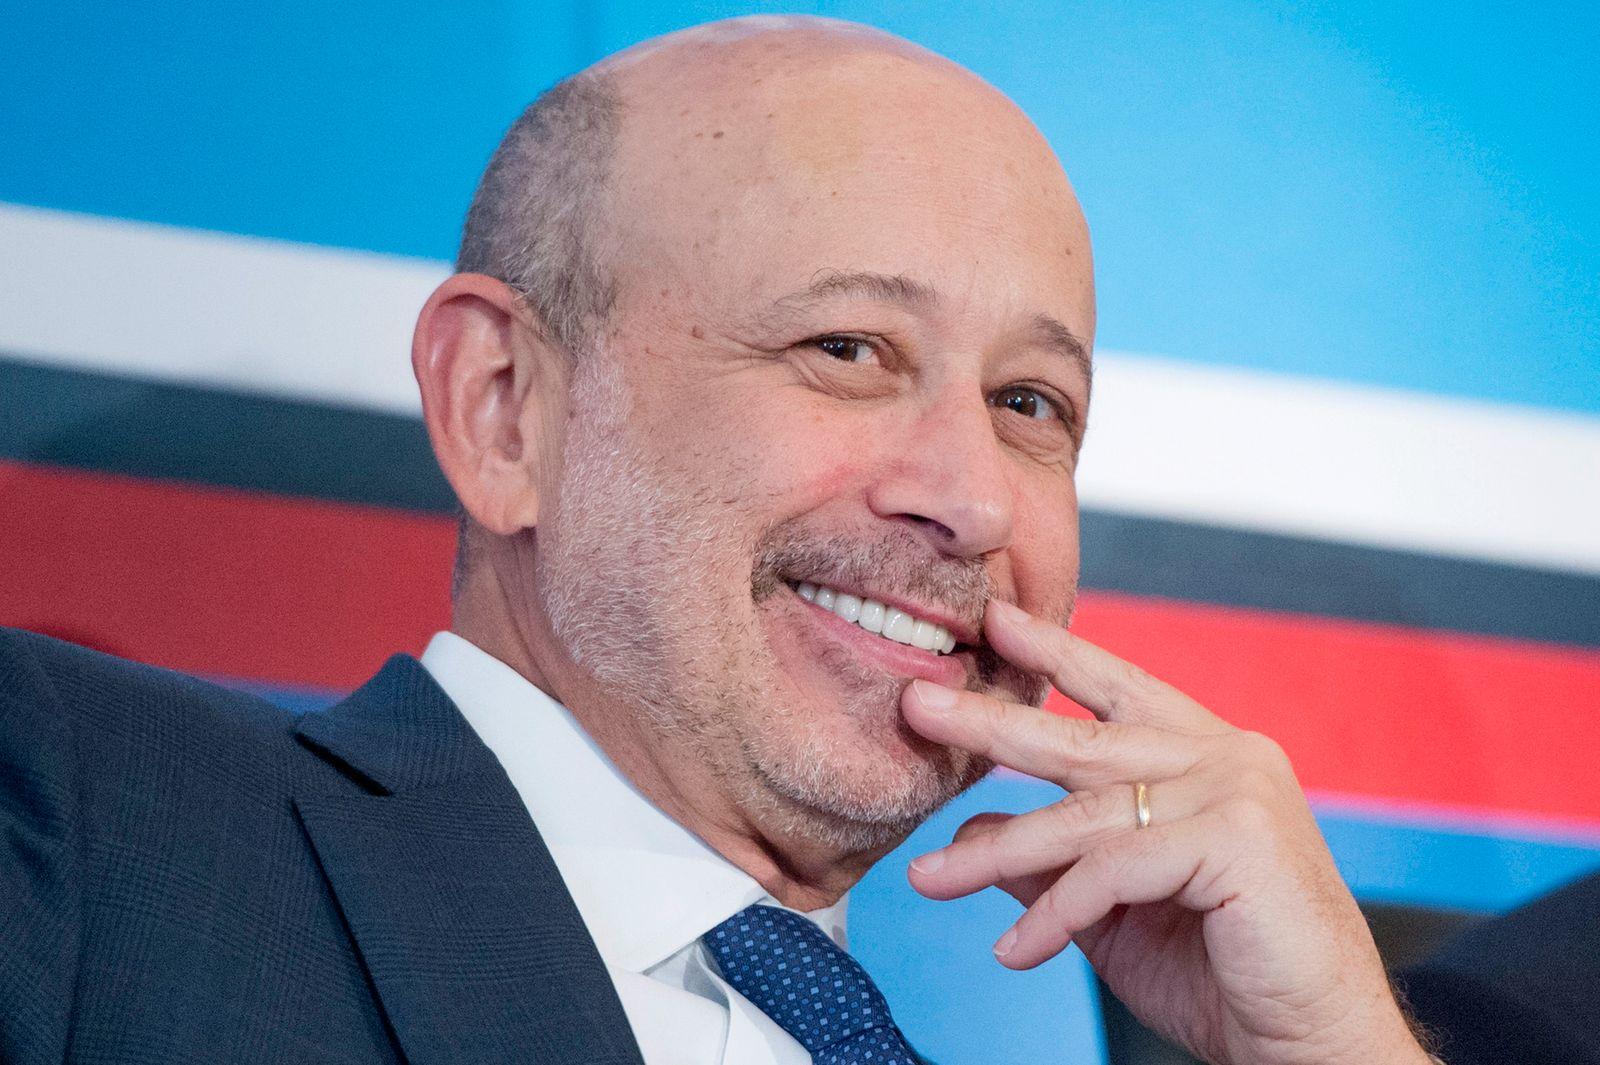 Lloyd Blankfein / Goldman Sachs